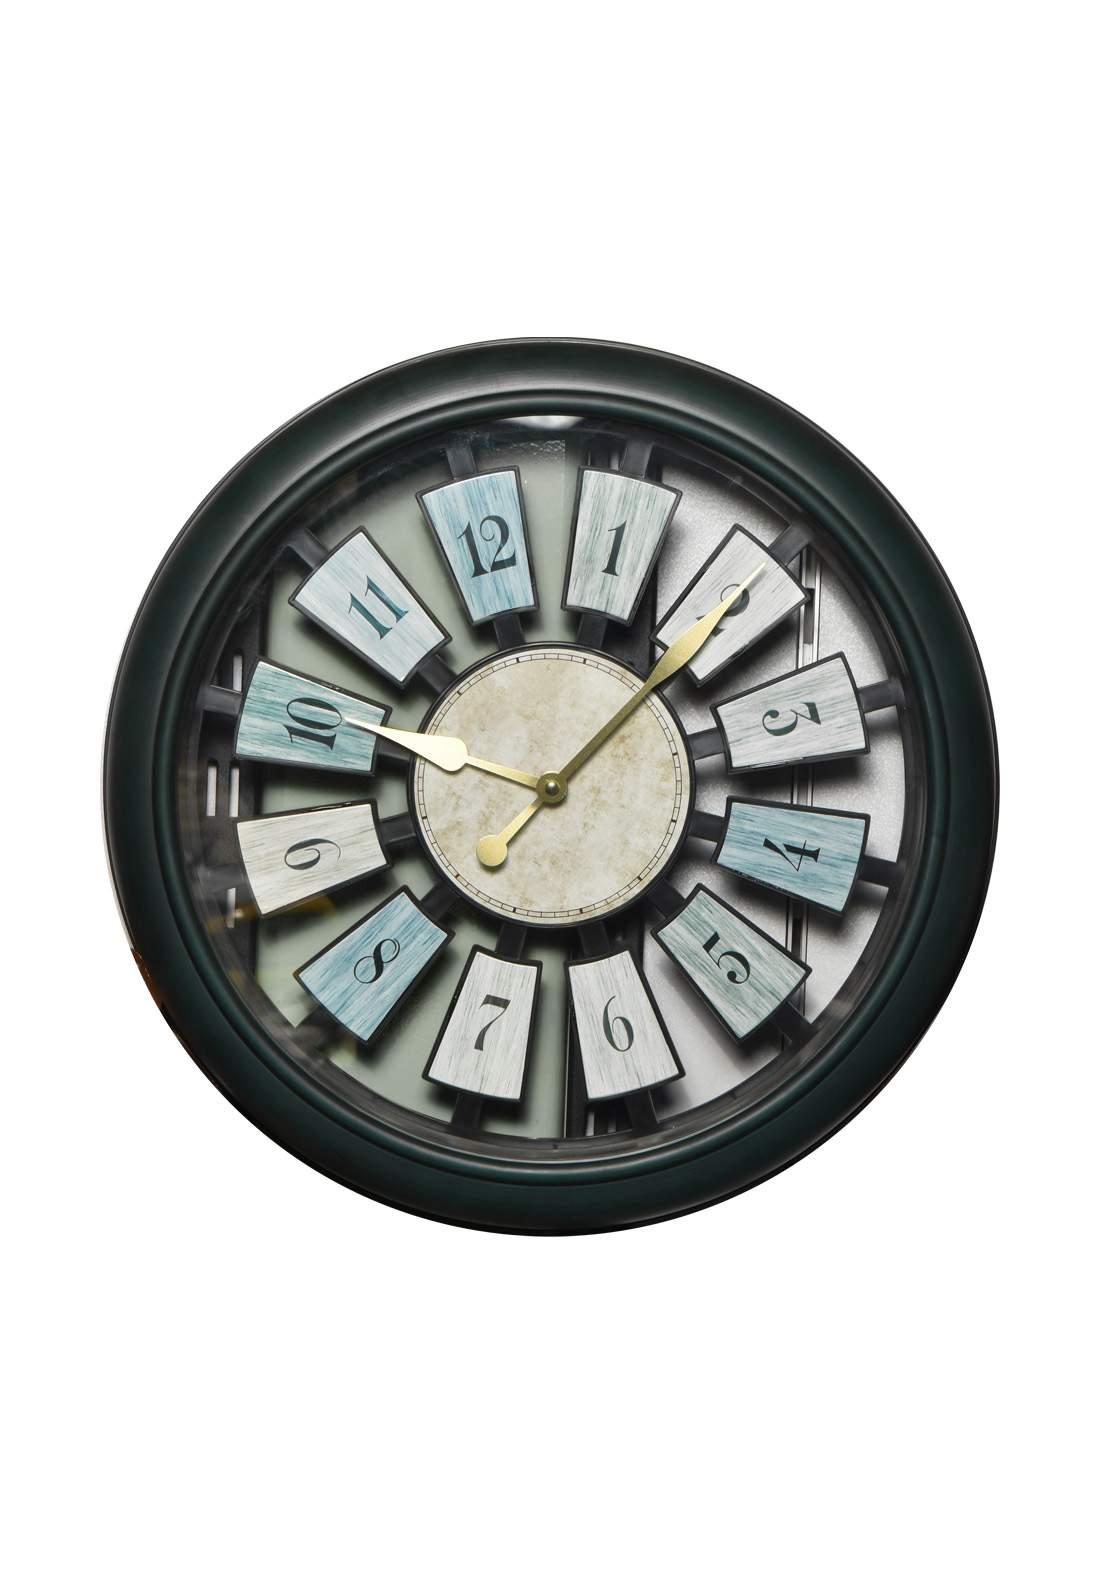 ساعة جدارية متعددة الألوان